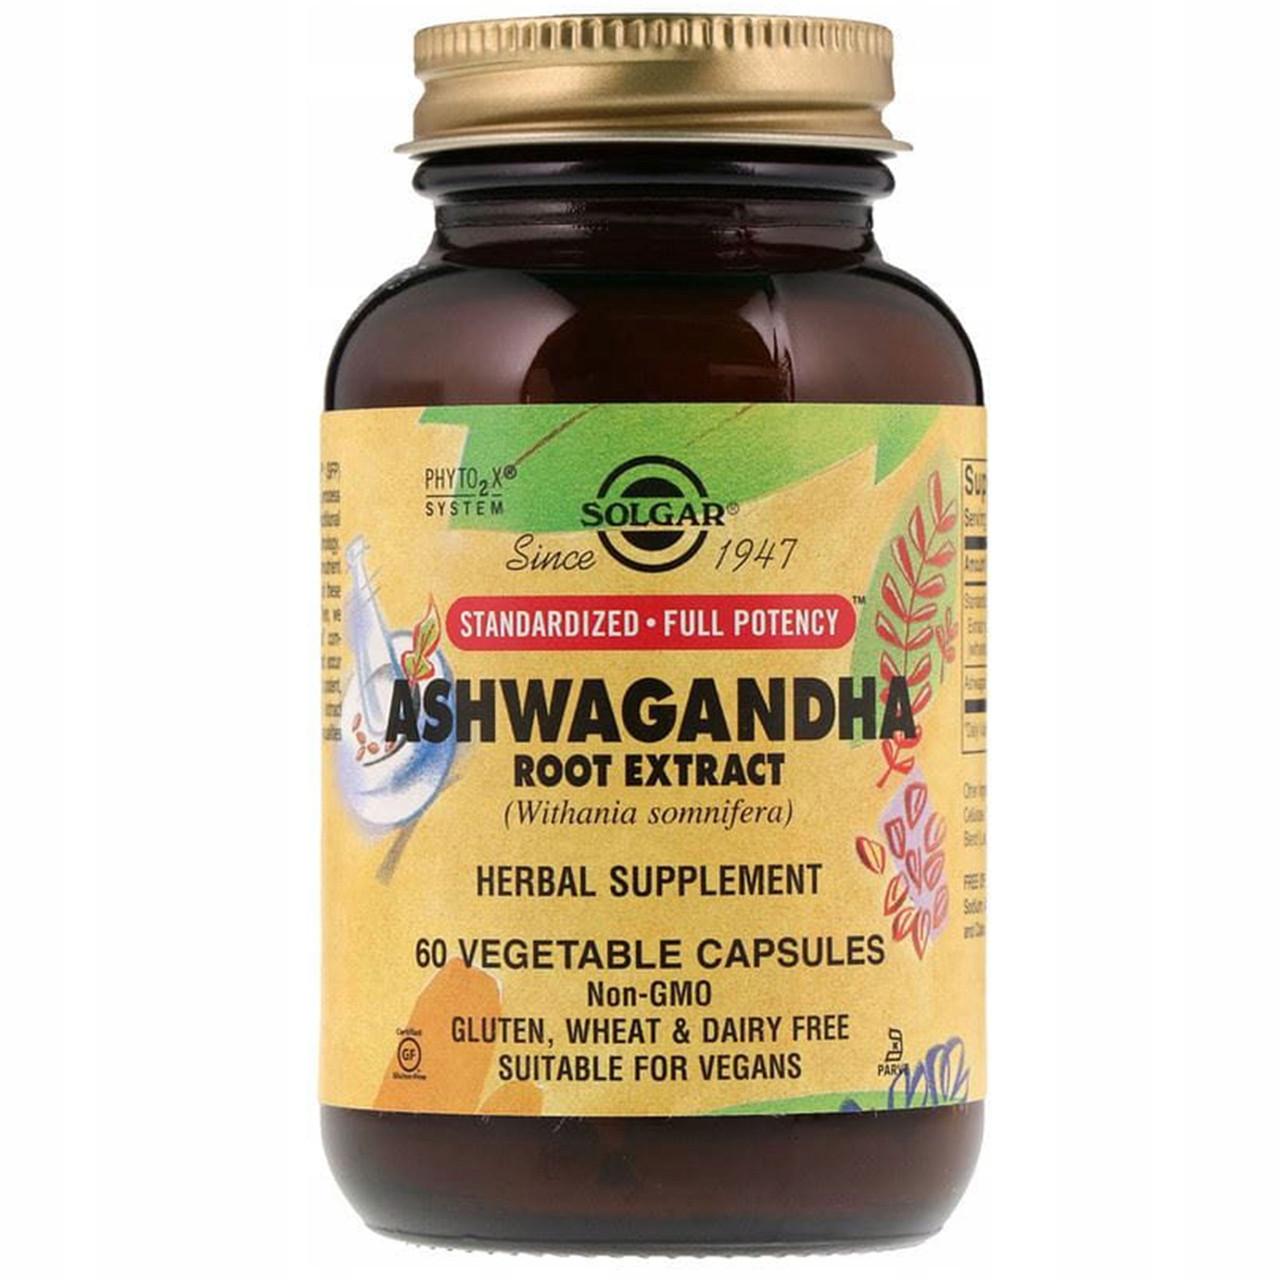 Solgar, Стандартизированный Экстракт из корня ашваганды, ашваганда 60 растительных капсул